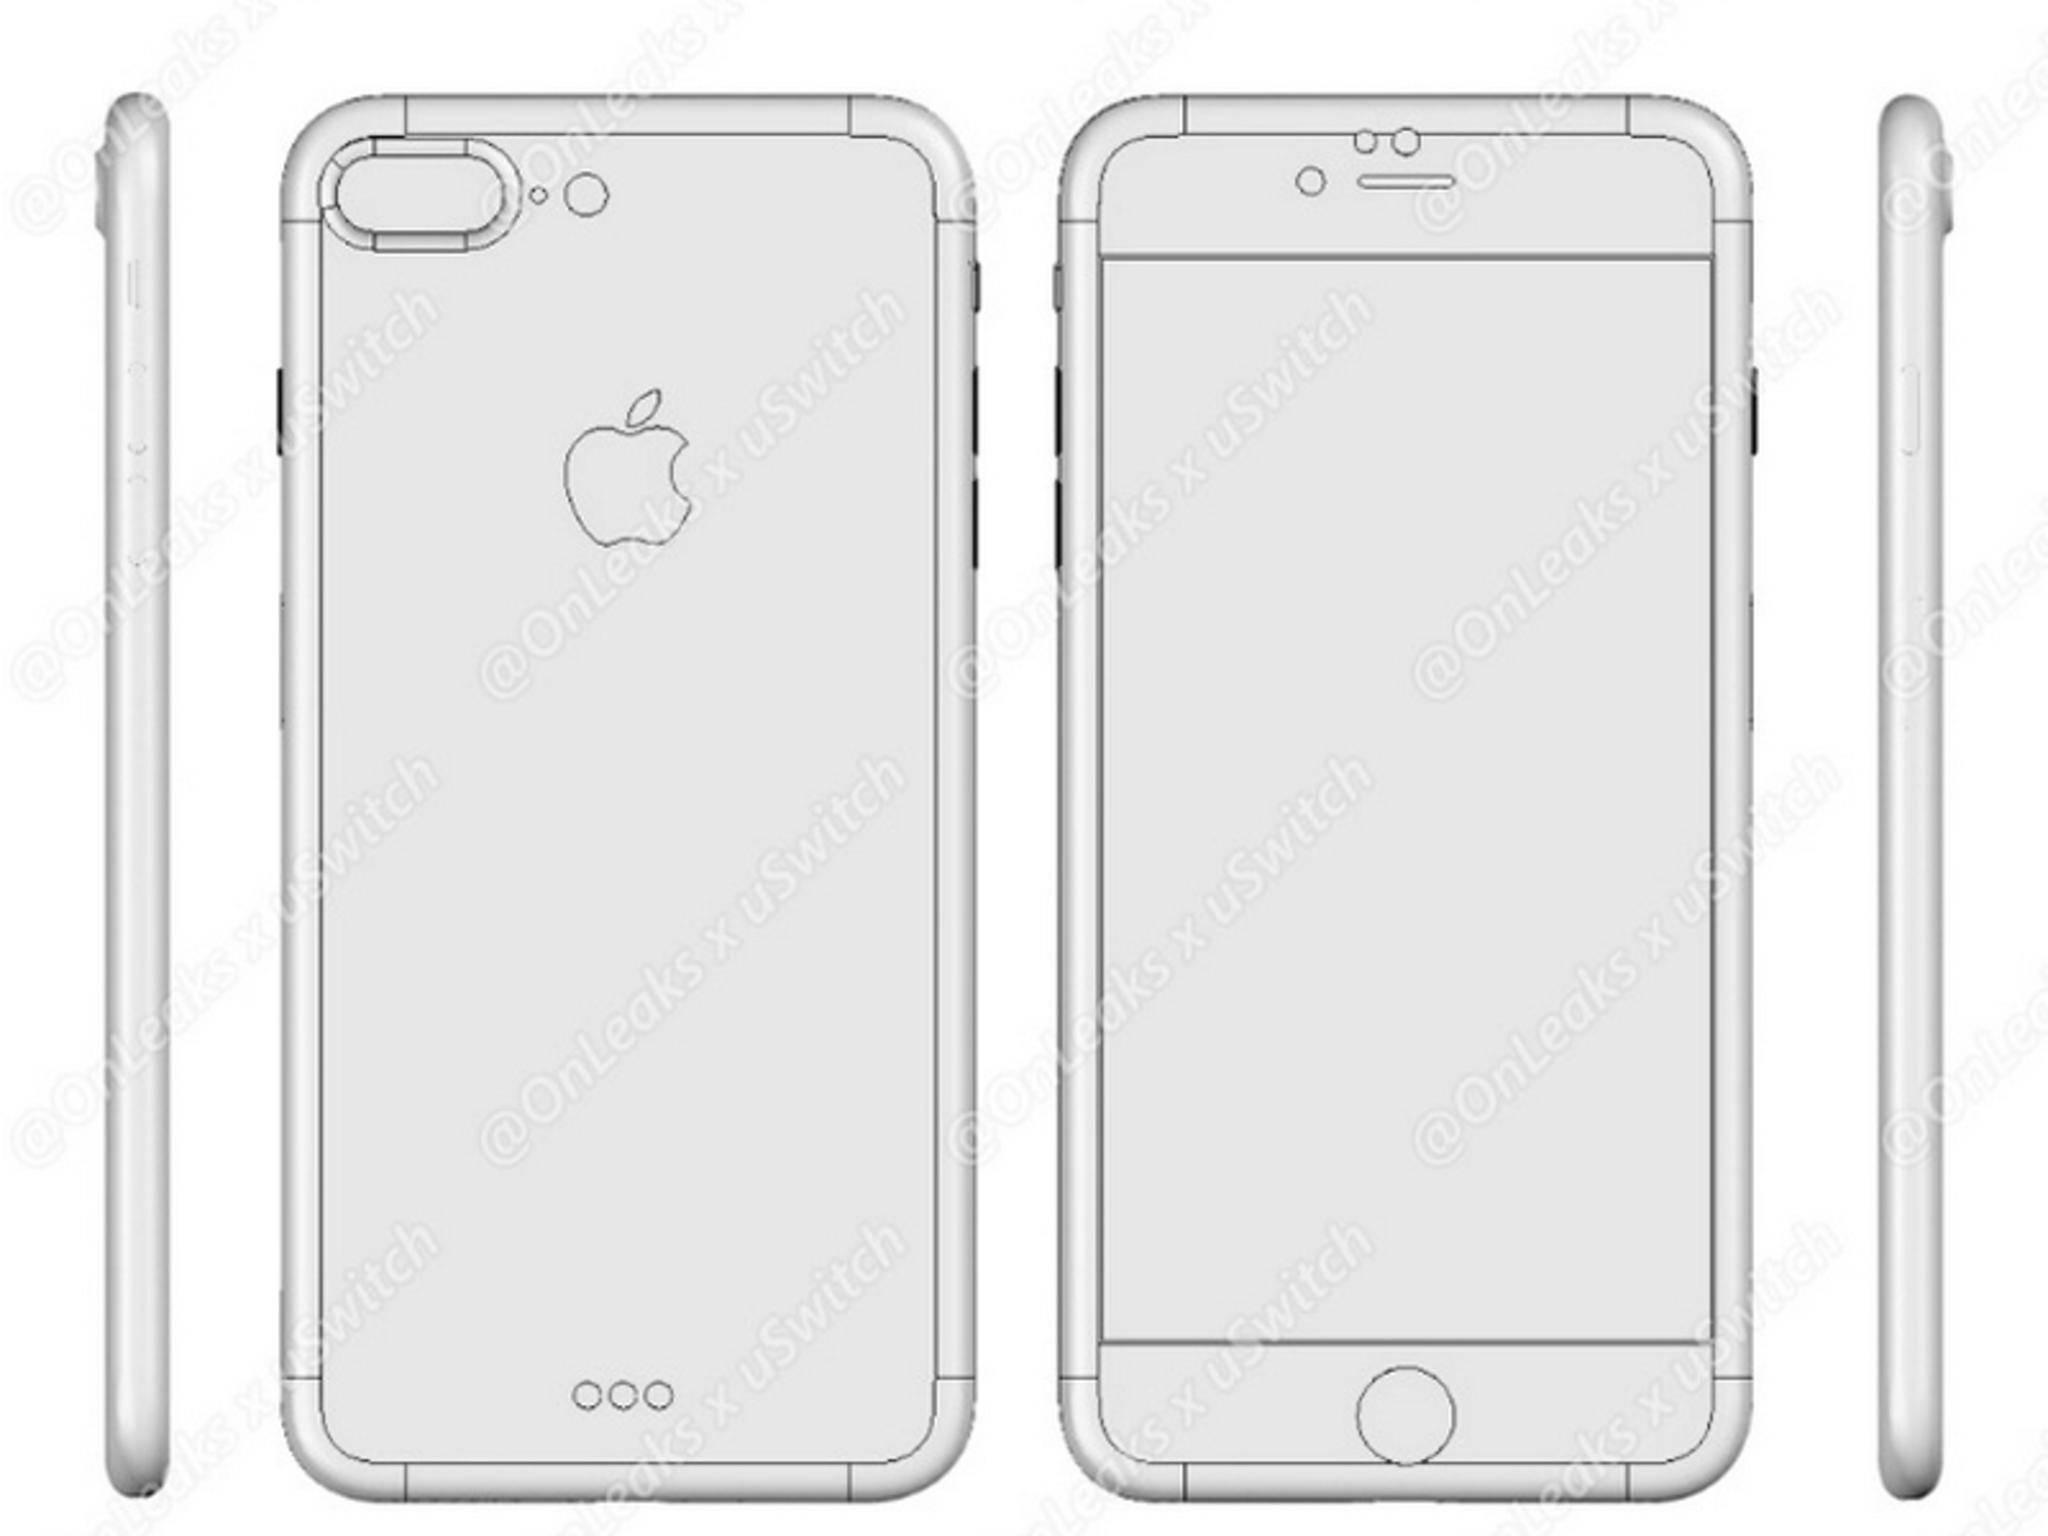 Sehen wir hier das iPhone 7 Plus?